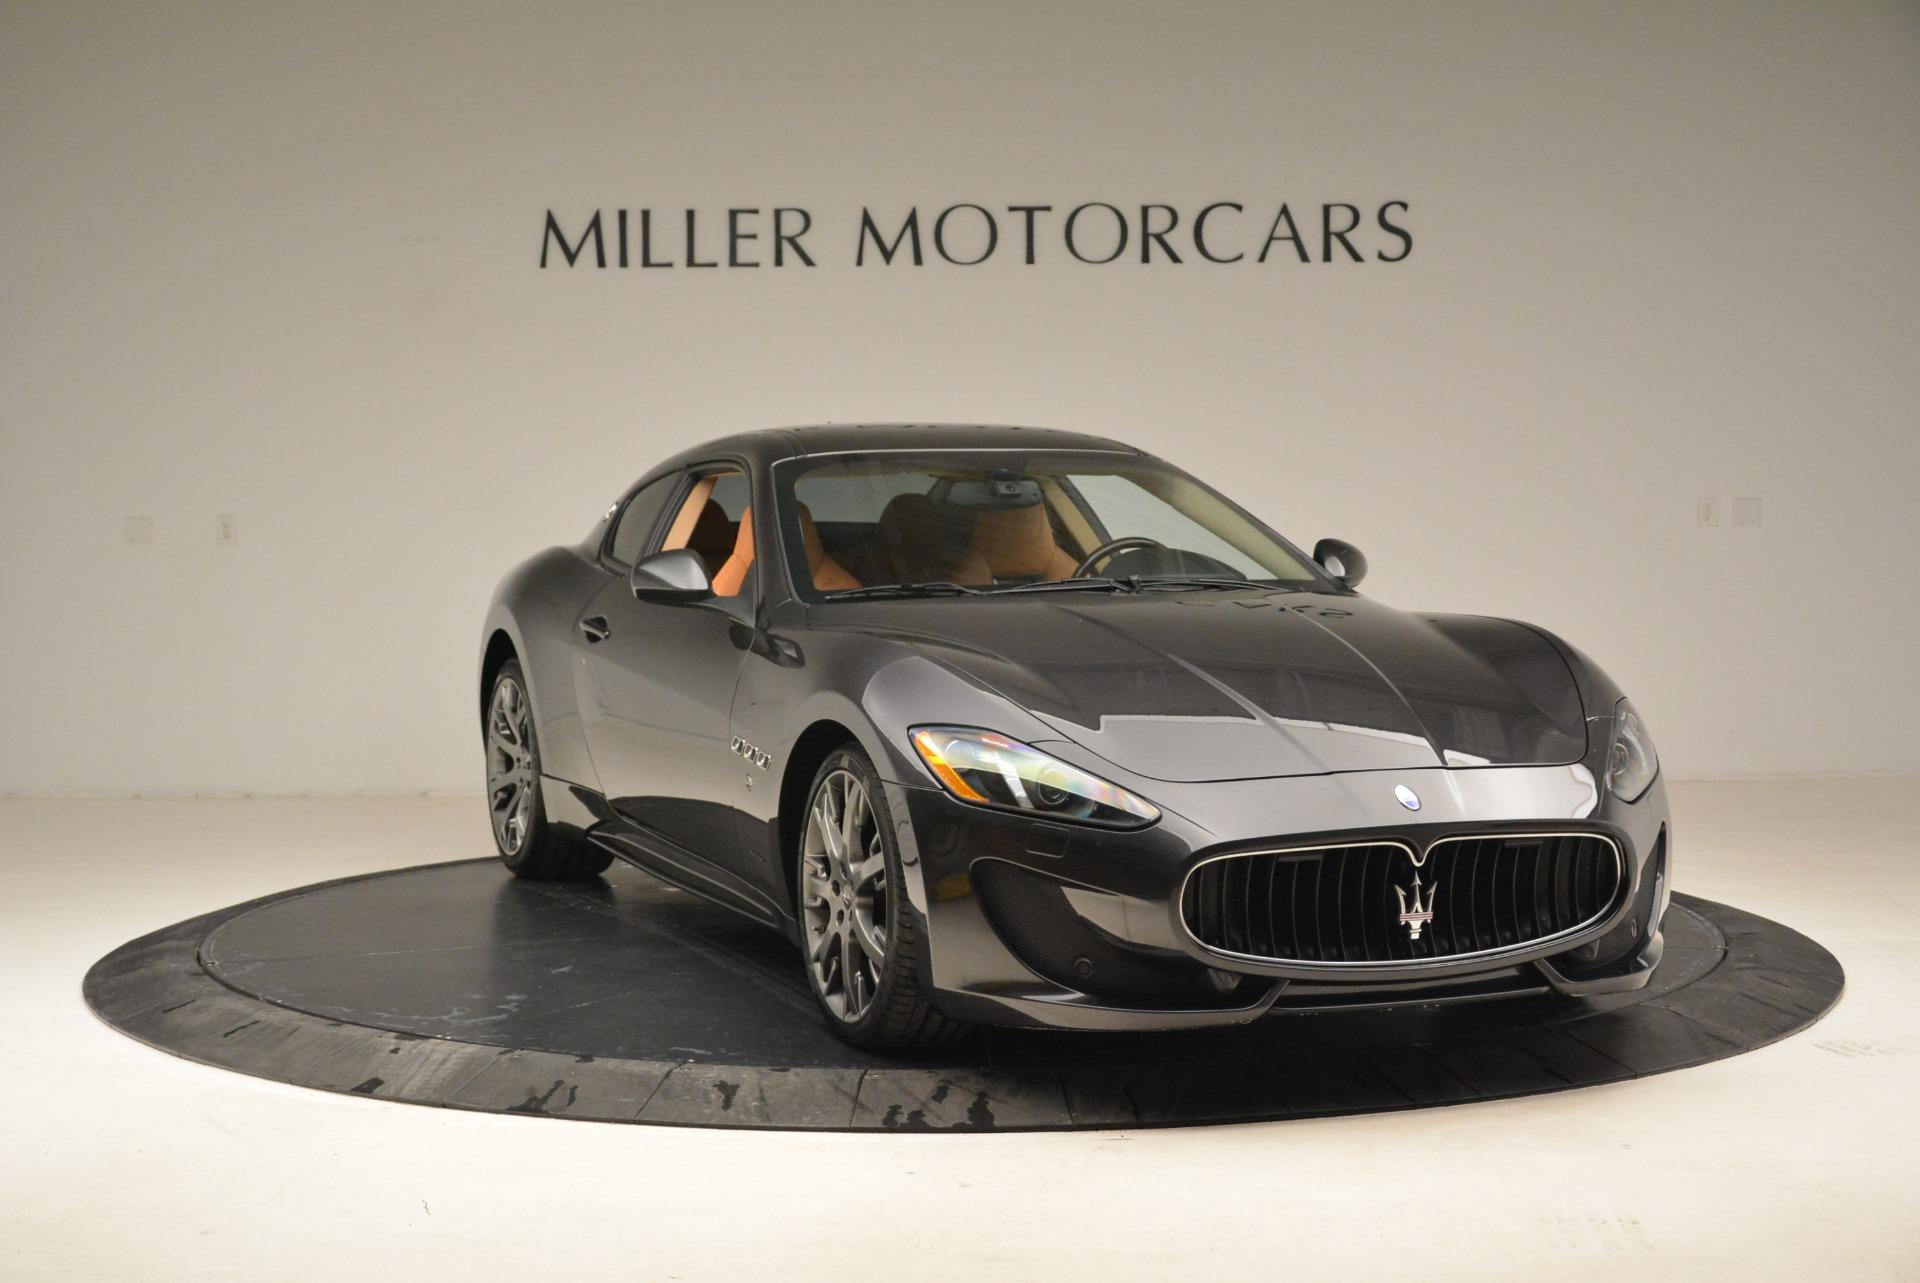 Used 2014 Maserati GranTurismo Sport For Sale In Greenwich, CT 2067_p10